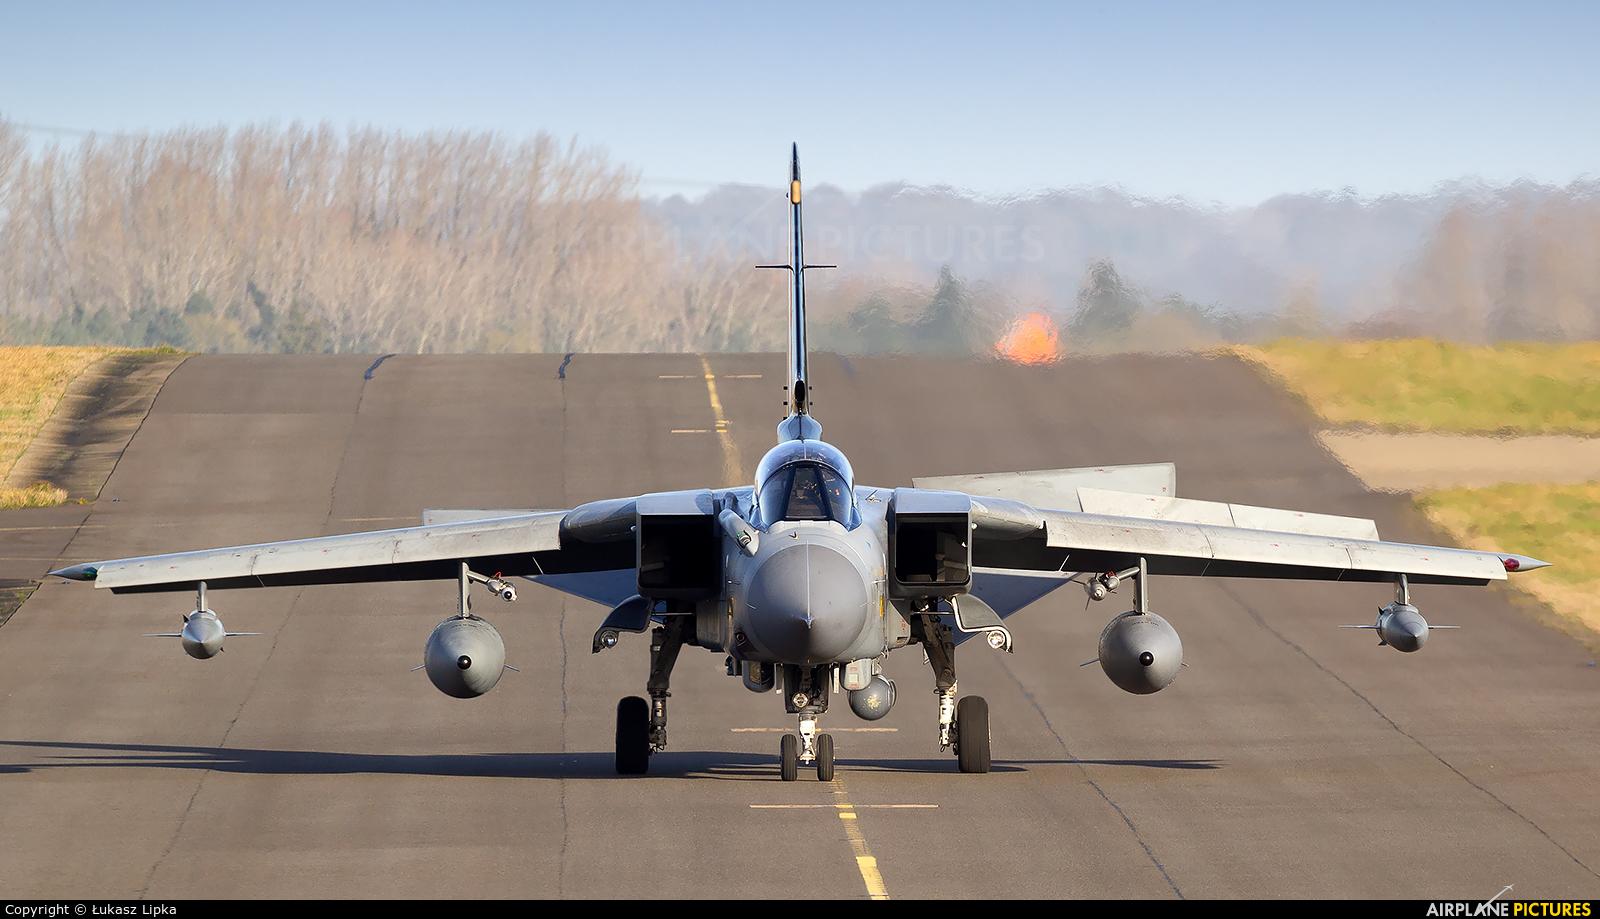 Royal Air Force ZD716 aircraft at Marham